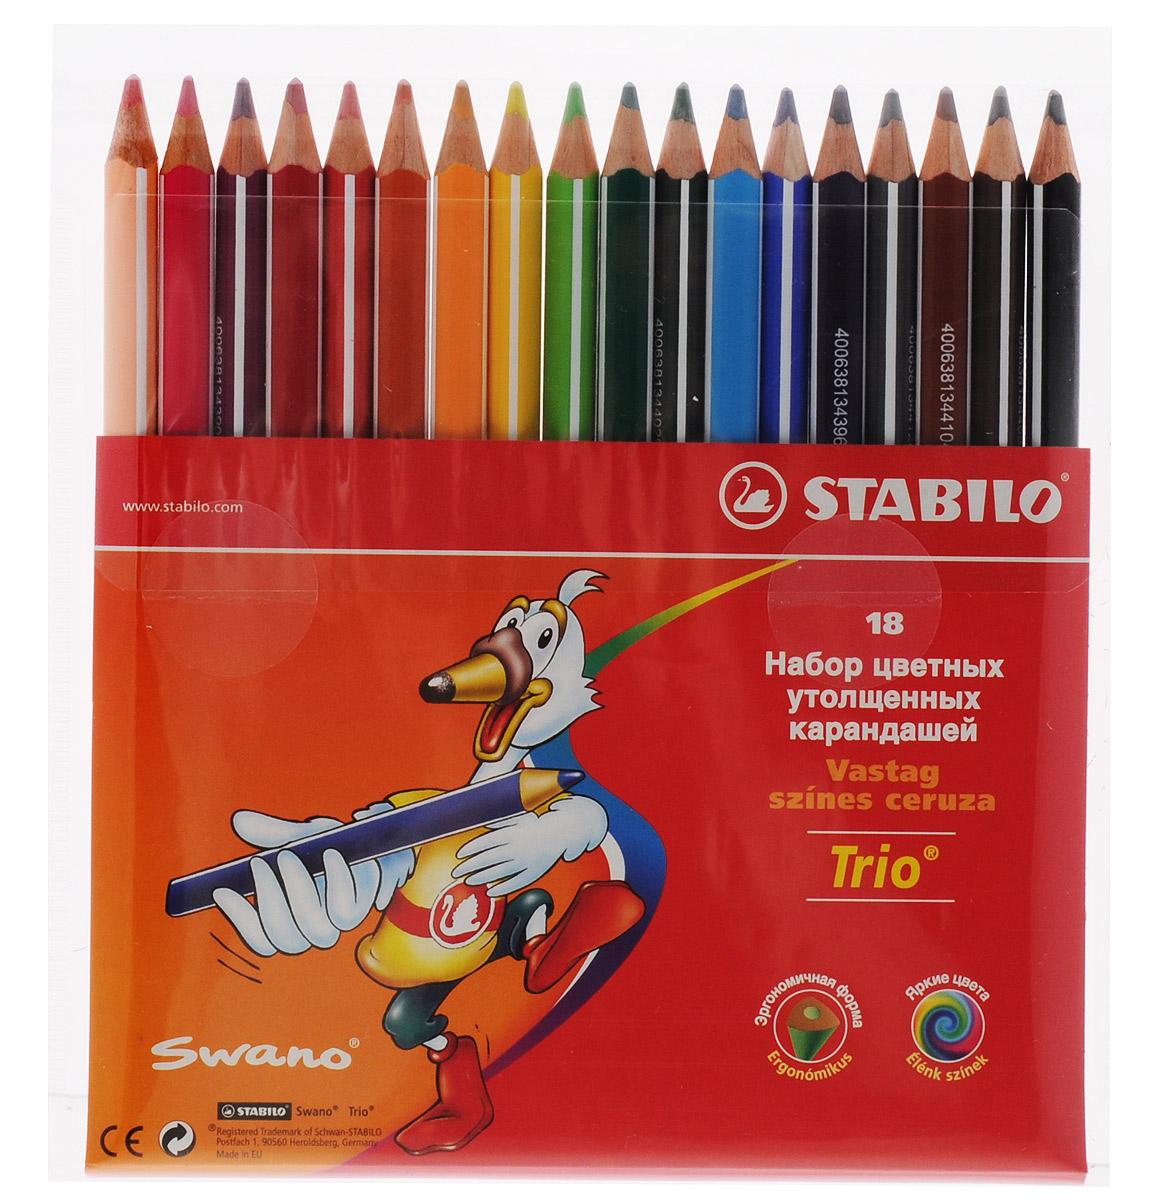 Stabilo Цветные карандаши Trio 18 цветов203/18-03Серия утолщенных трехгранных цветных карандашей Stabilo Trio. Трехгранная форма карандаша предотвращает усталость детской руки при рисовании и позволяет привить ребенку навык правильно держать пишущий инструмент. Подходят для правшей и для левшей. Утолщенный грифель, особо устойчивый к поломкам. В состав грифелей входит пчелиный воск, благодаря чему карандаши легко рисуют на бумаге, не царапая ее и не крошась.